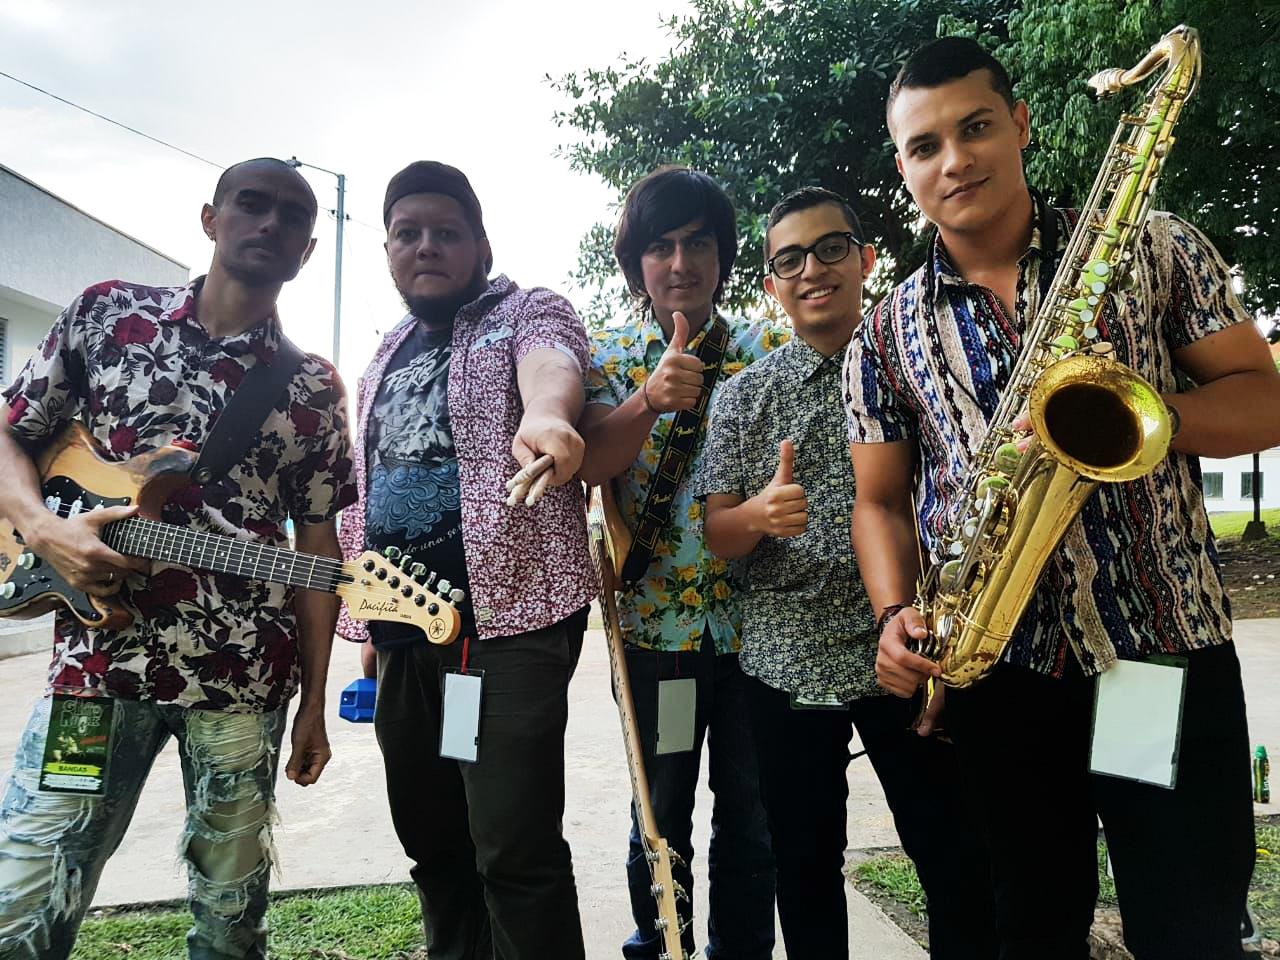 via cerrada en mexico de gira 2018